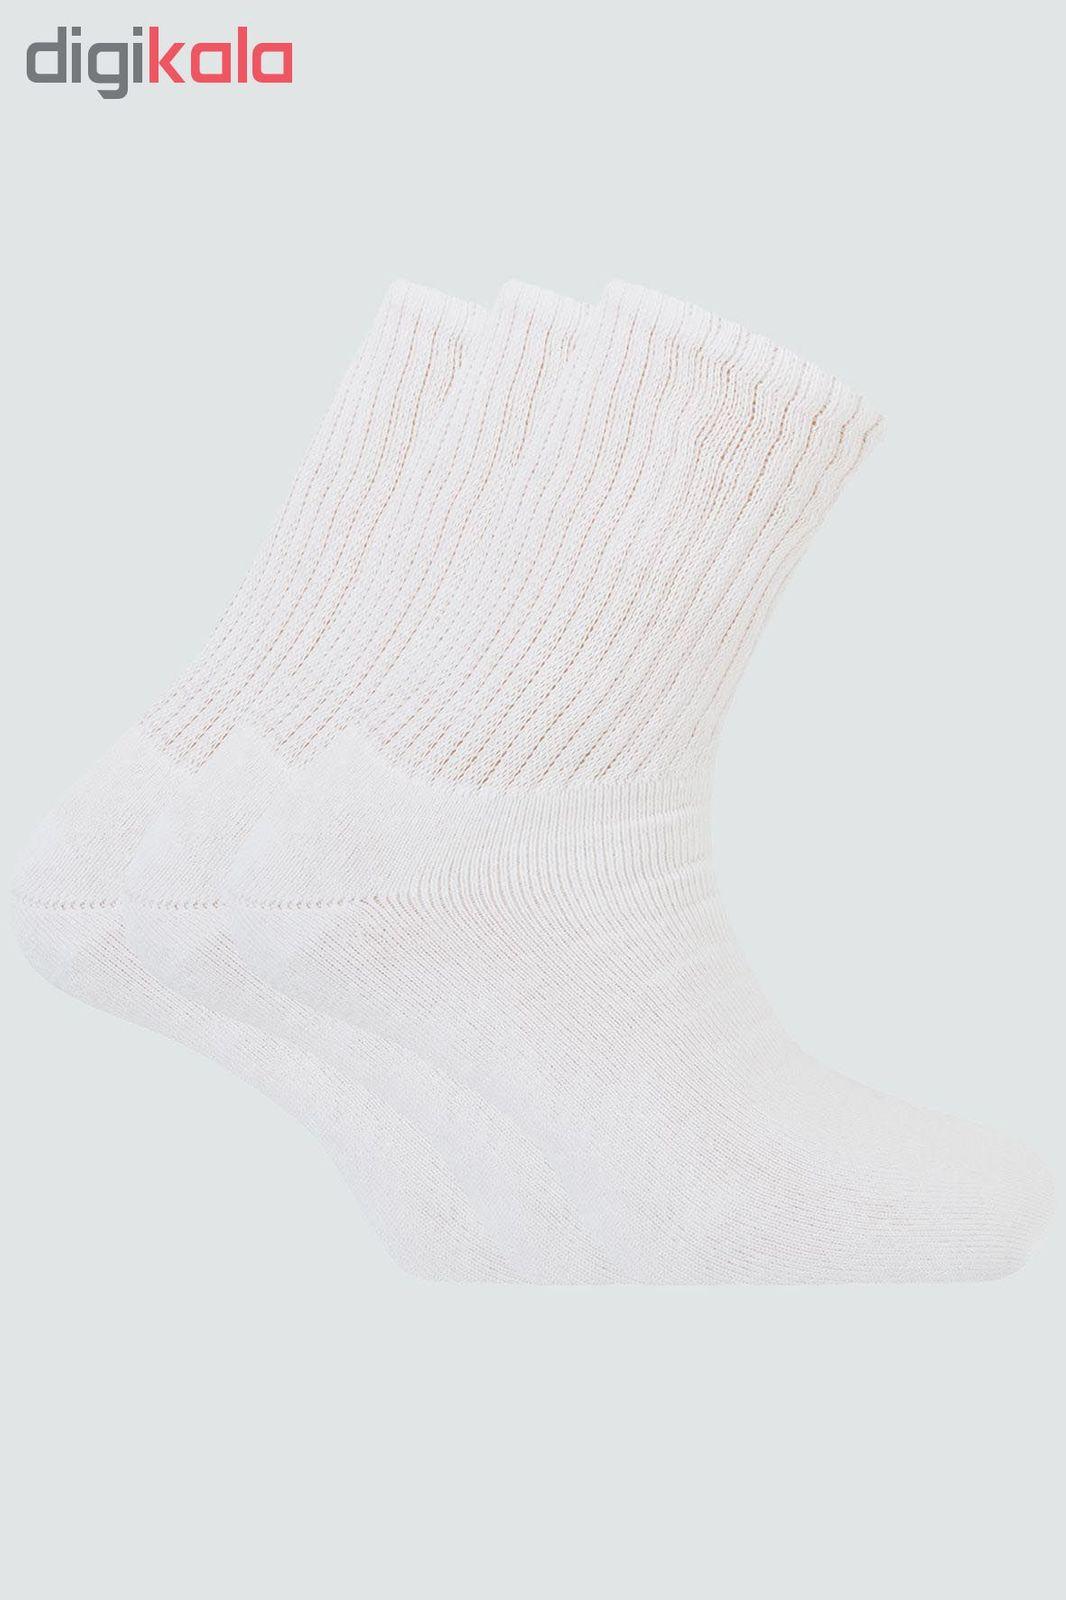 جوراب مردانه پونتو بلانکو کد 000-1494110 بسته 3 جفتی main 1 2